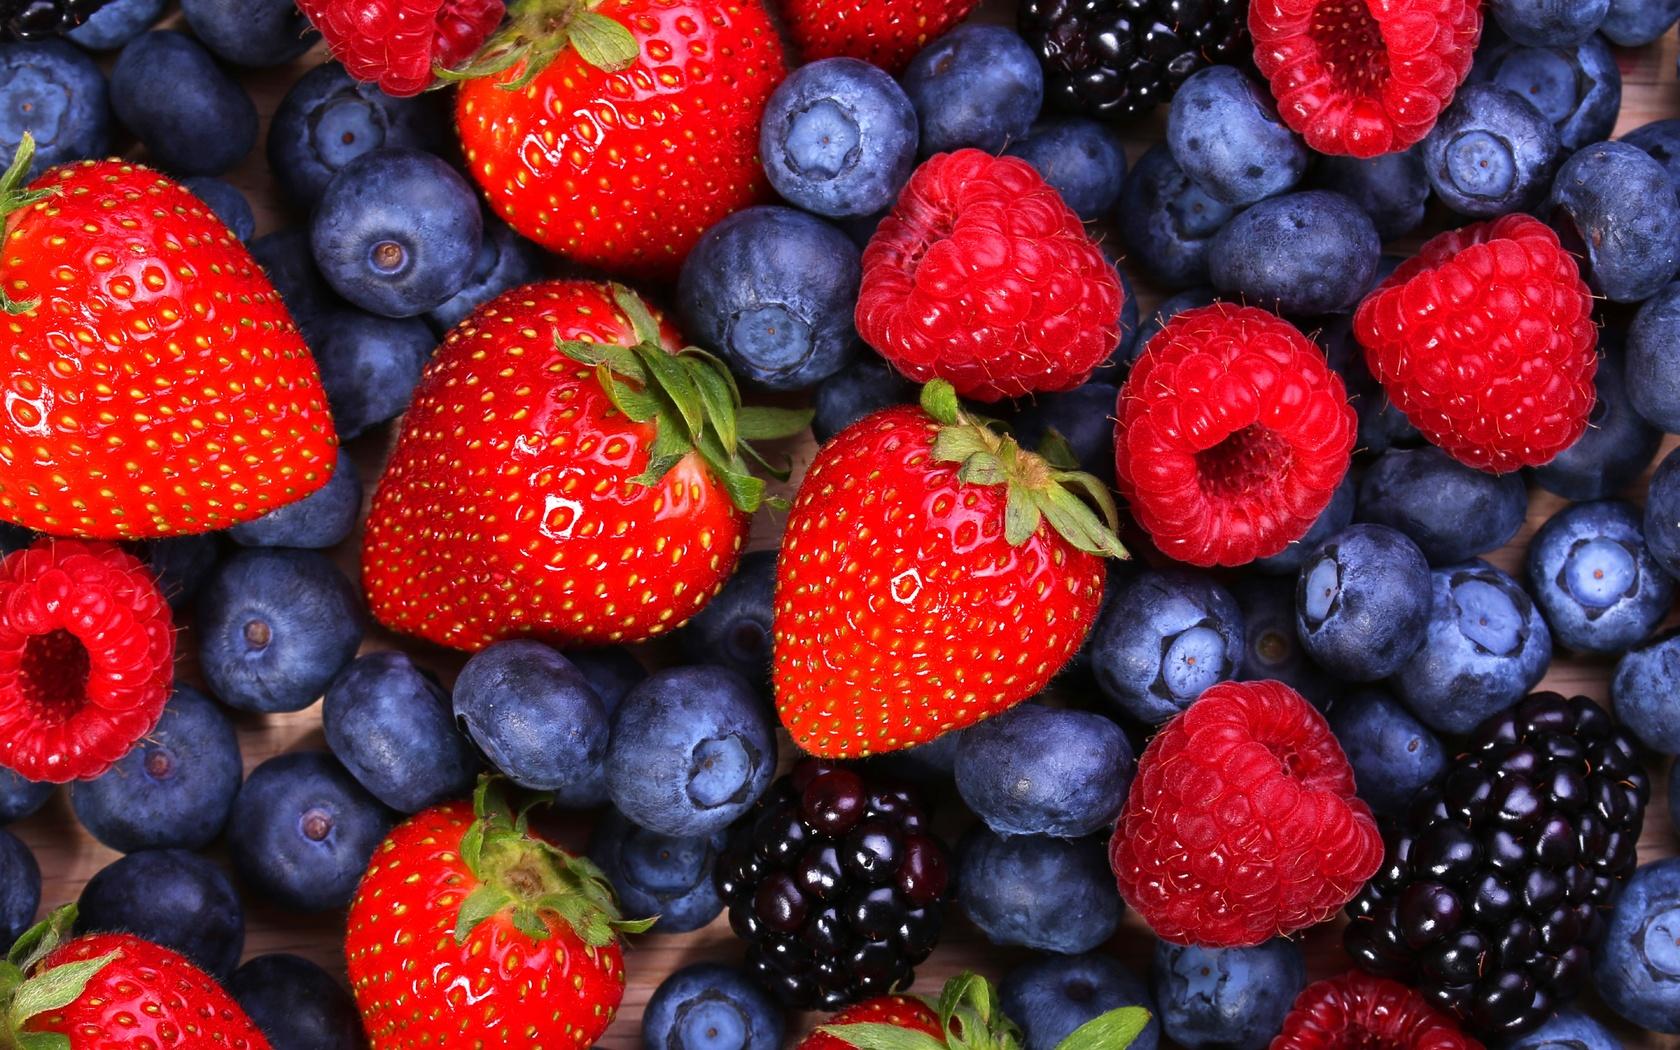 картинки с ягодами очень красивые был невероятный, очень